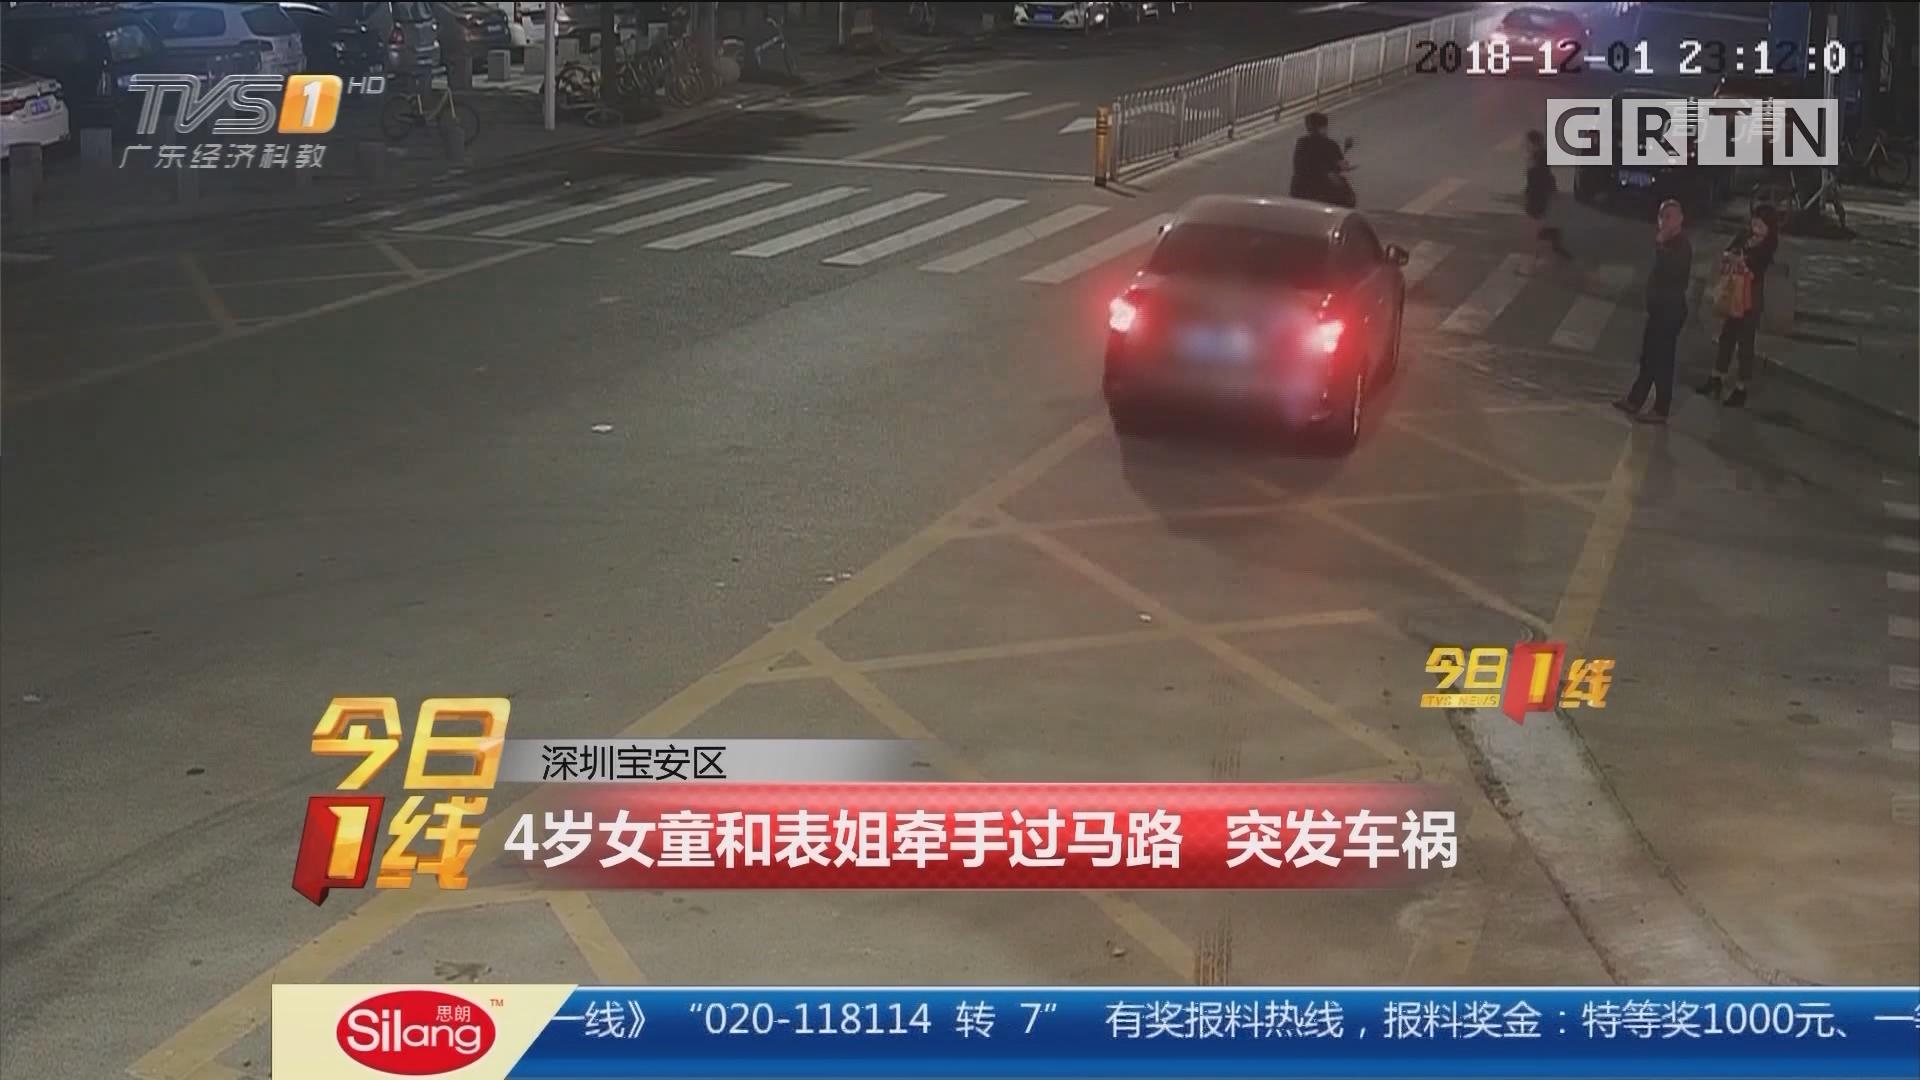 深圳宝安区:4岁女童和表姐牵手过马路 突发车祸